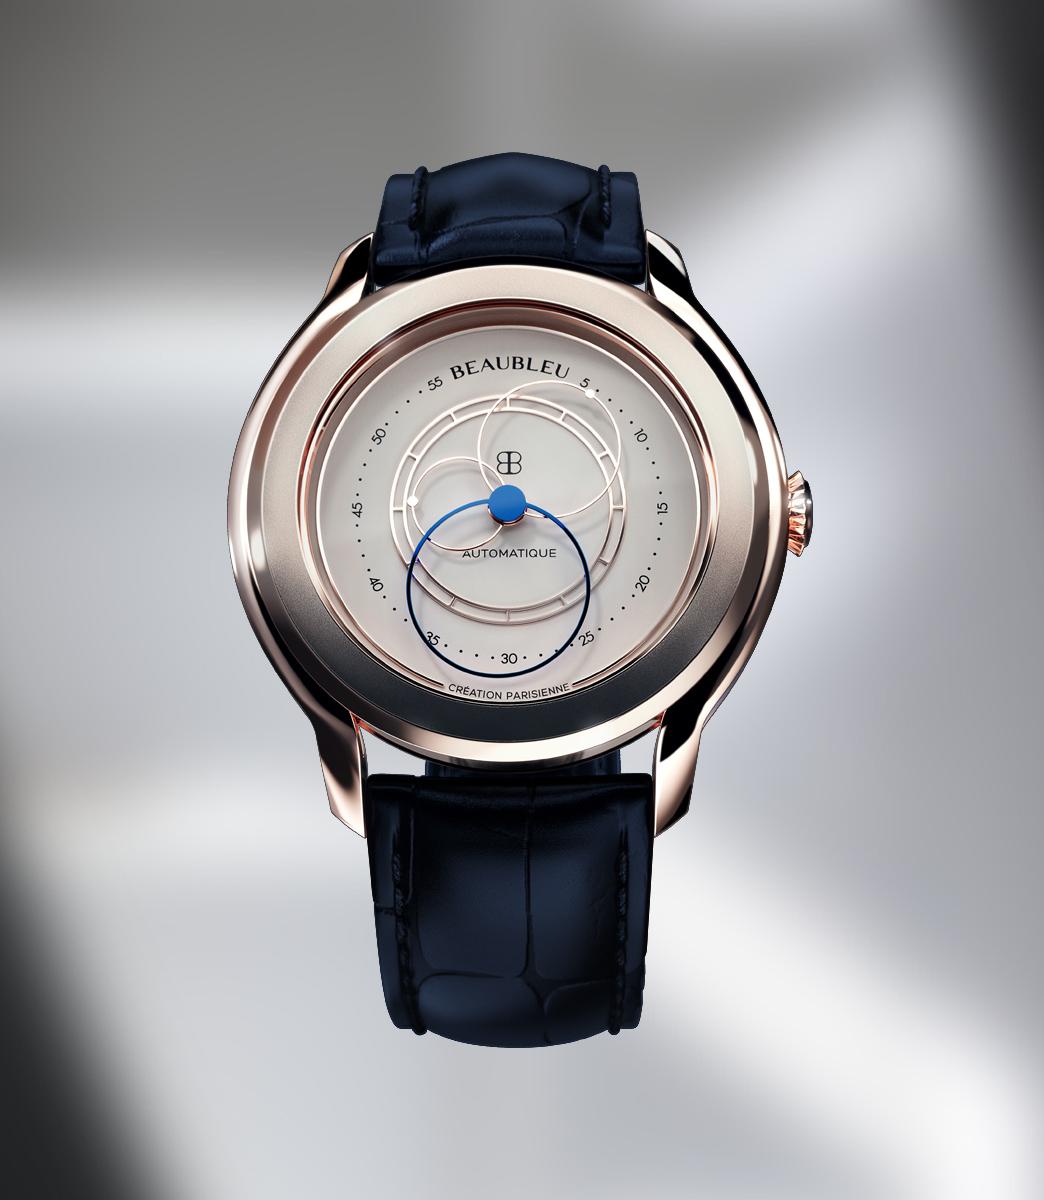 beaubleu-montre-automatique-photo-3D-union-rive-gauche-or-rose-bracelet-bleu